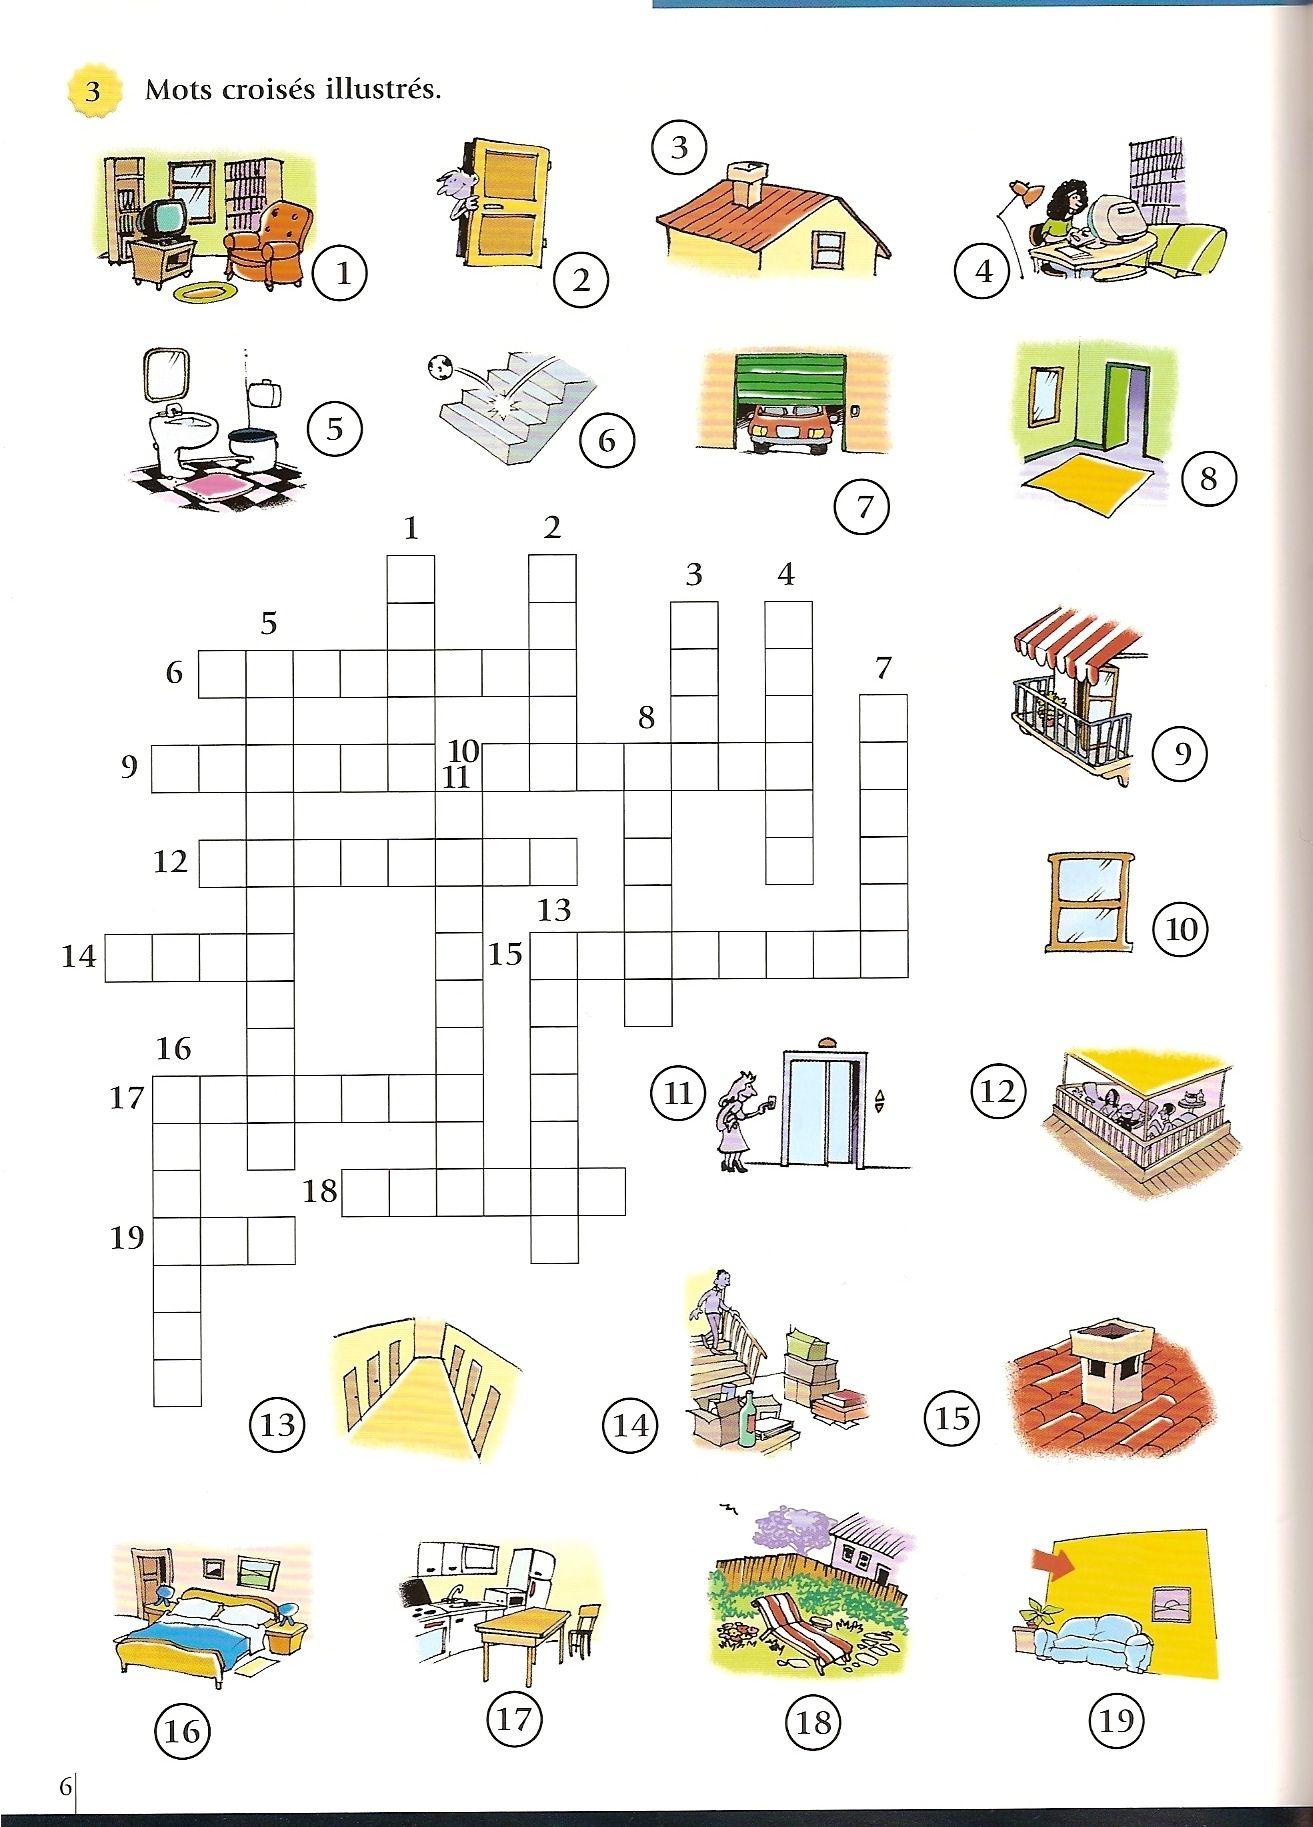 Http://.iessuel.es/portal/index.php/component/content avec Mots Fleches Pour Enfants